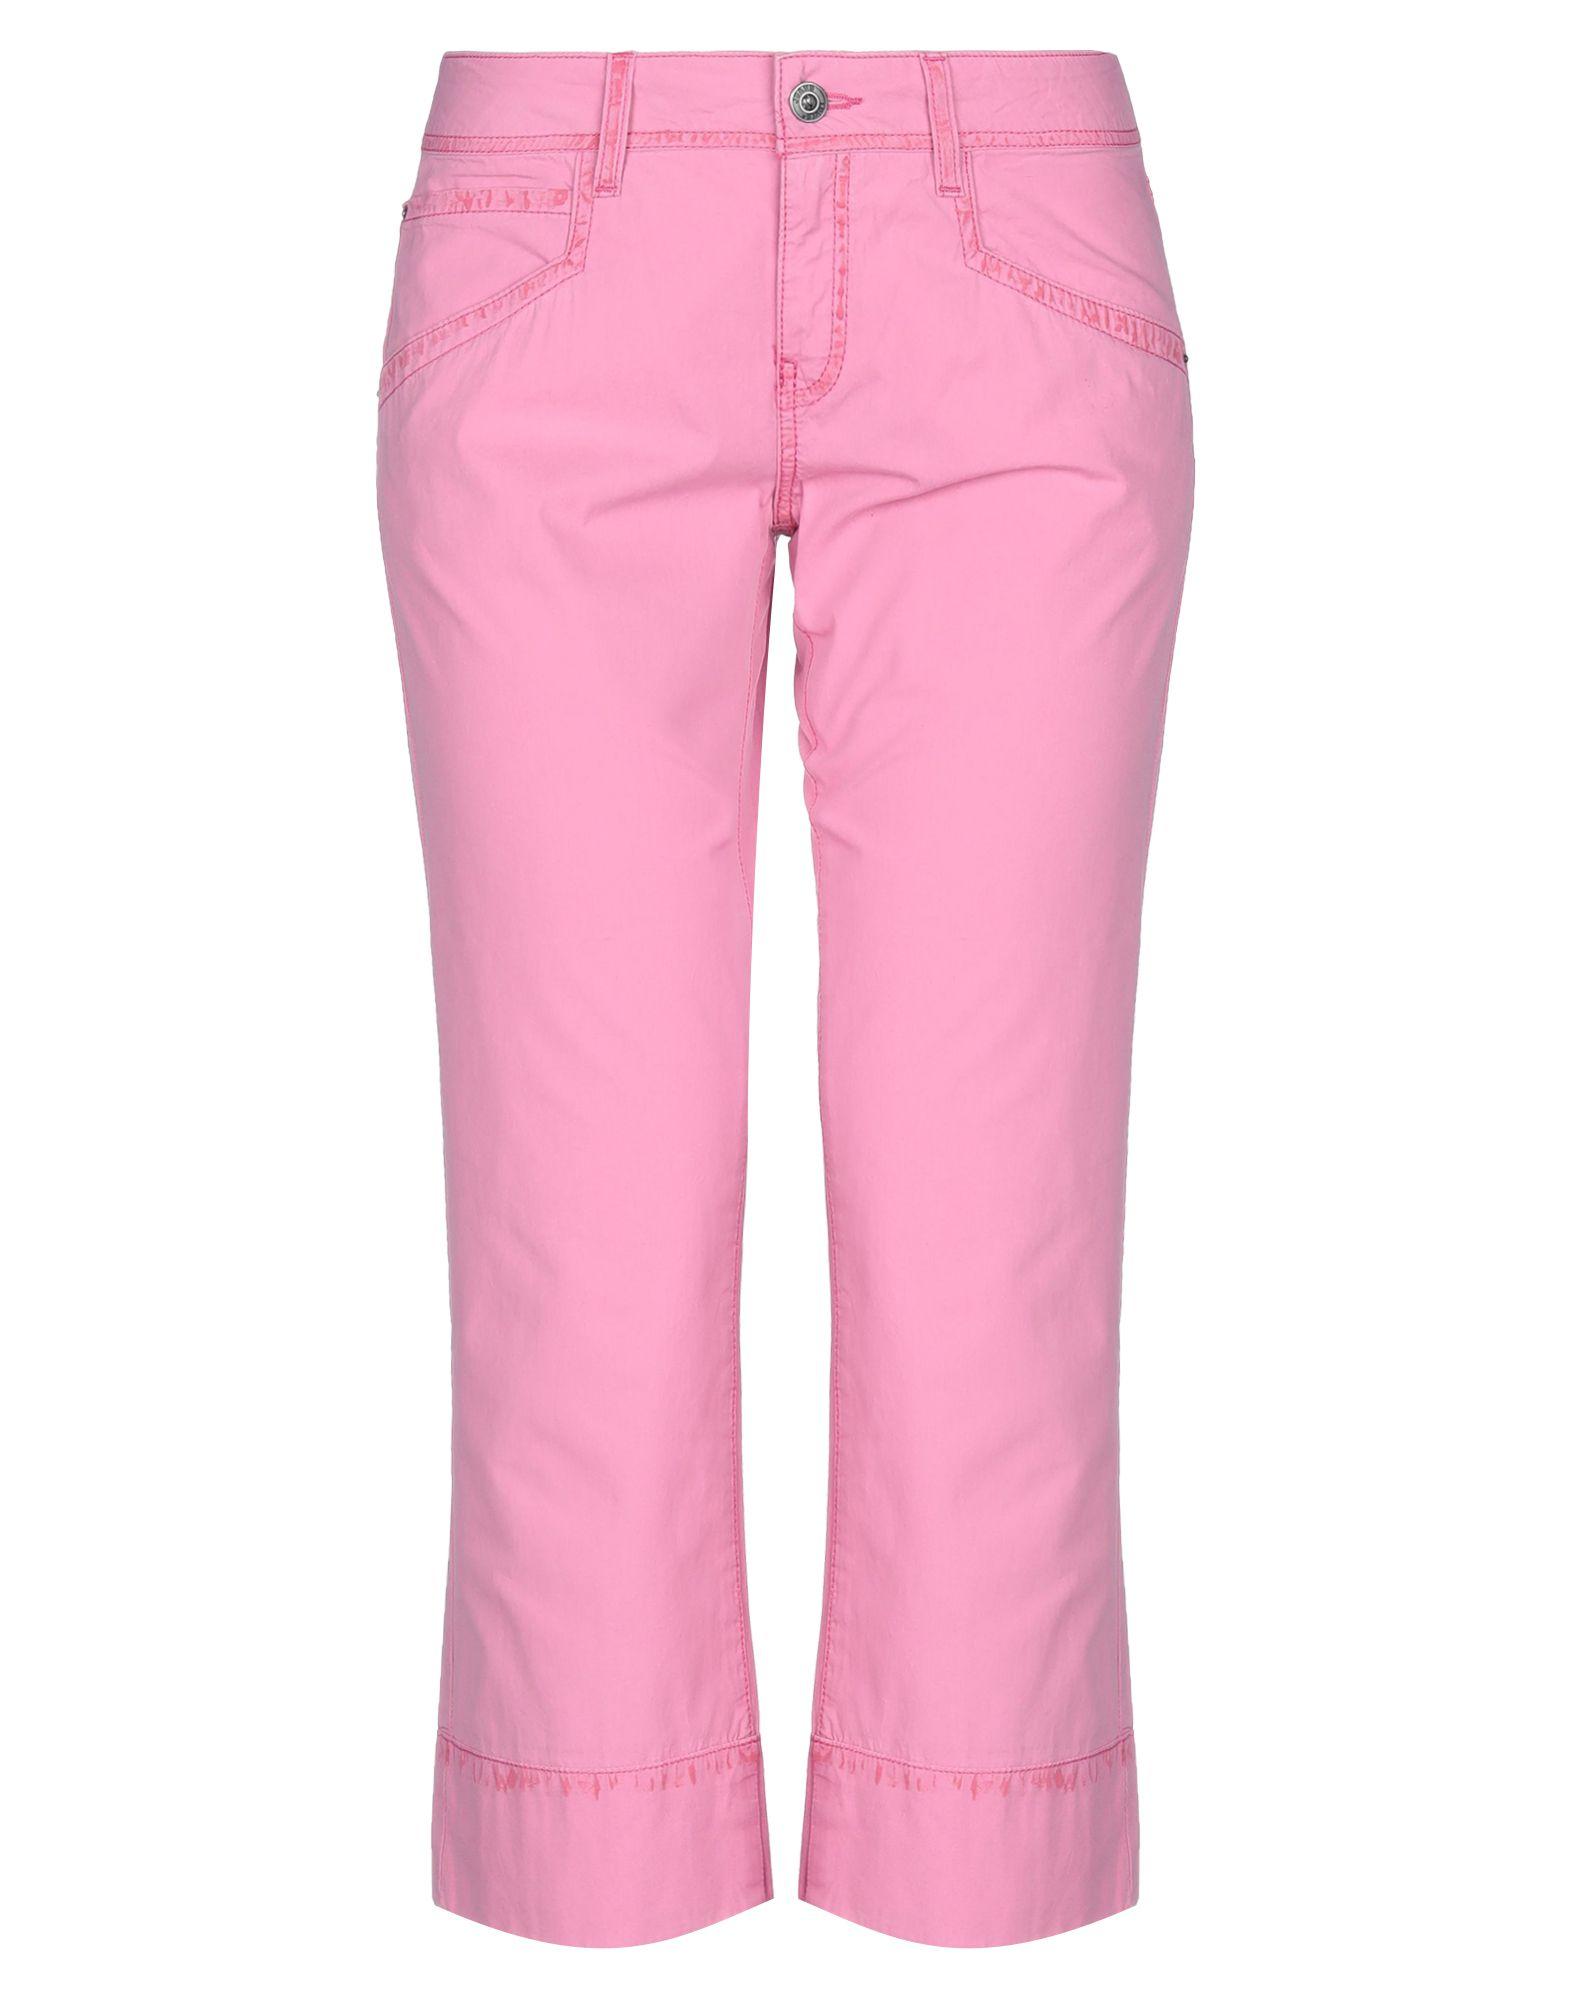 комплект домашний женский vienetta s secret футболка капри цвет кремовый бежевый 609144 0721 размер s 44 LEVI' S Брюки-капри